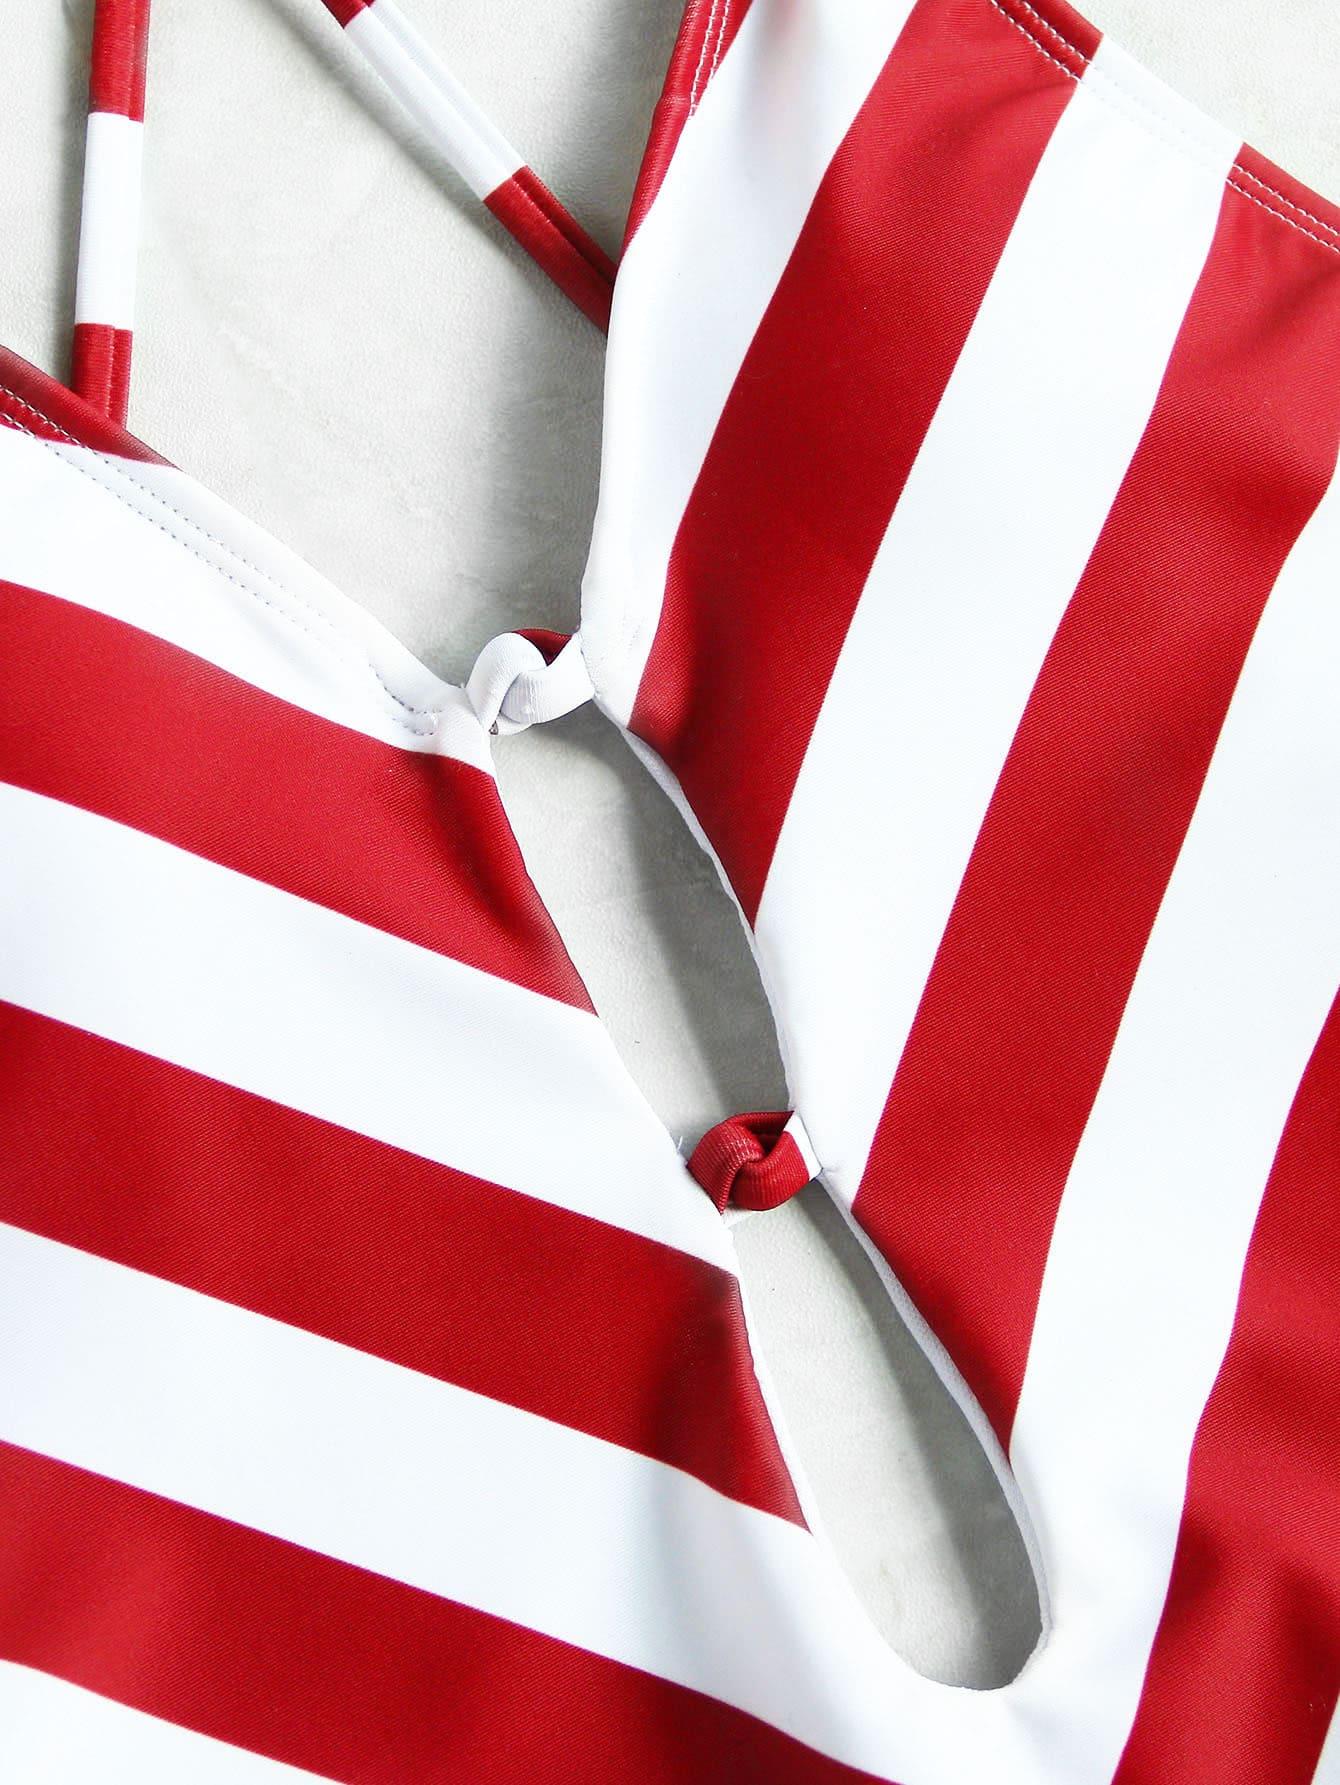 Maillot de bain motifs de v profond col avec des bandes for Interieur paupiere inferieure rouge